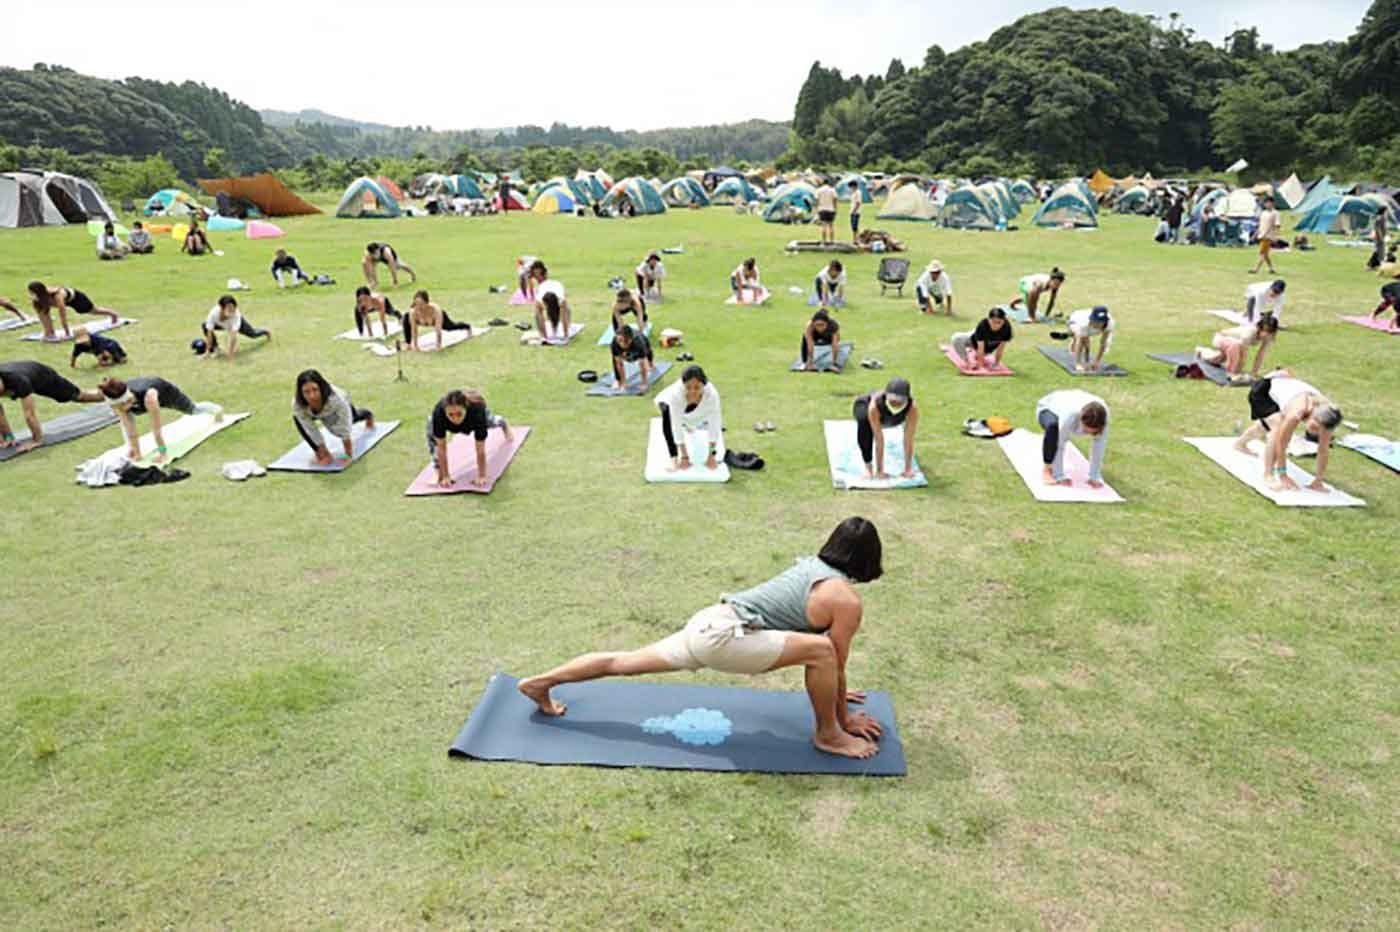 【愛犬同伴OK】大自然の中で心と身体を整えるリトリートキャンプ 『SOUL RETREAT CAMP』開催!